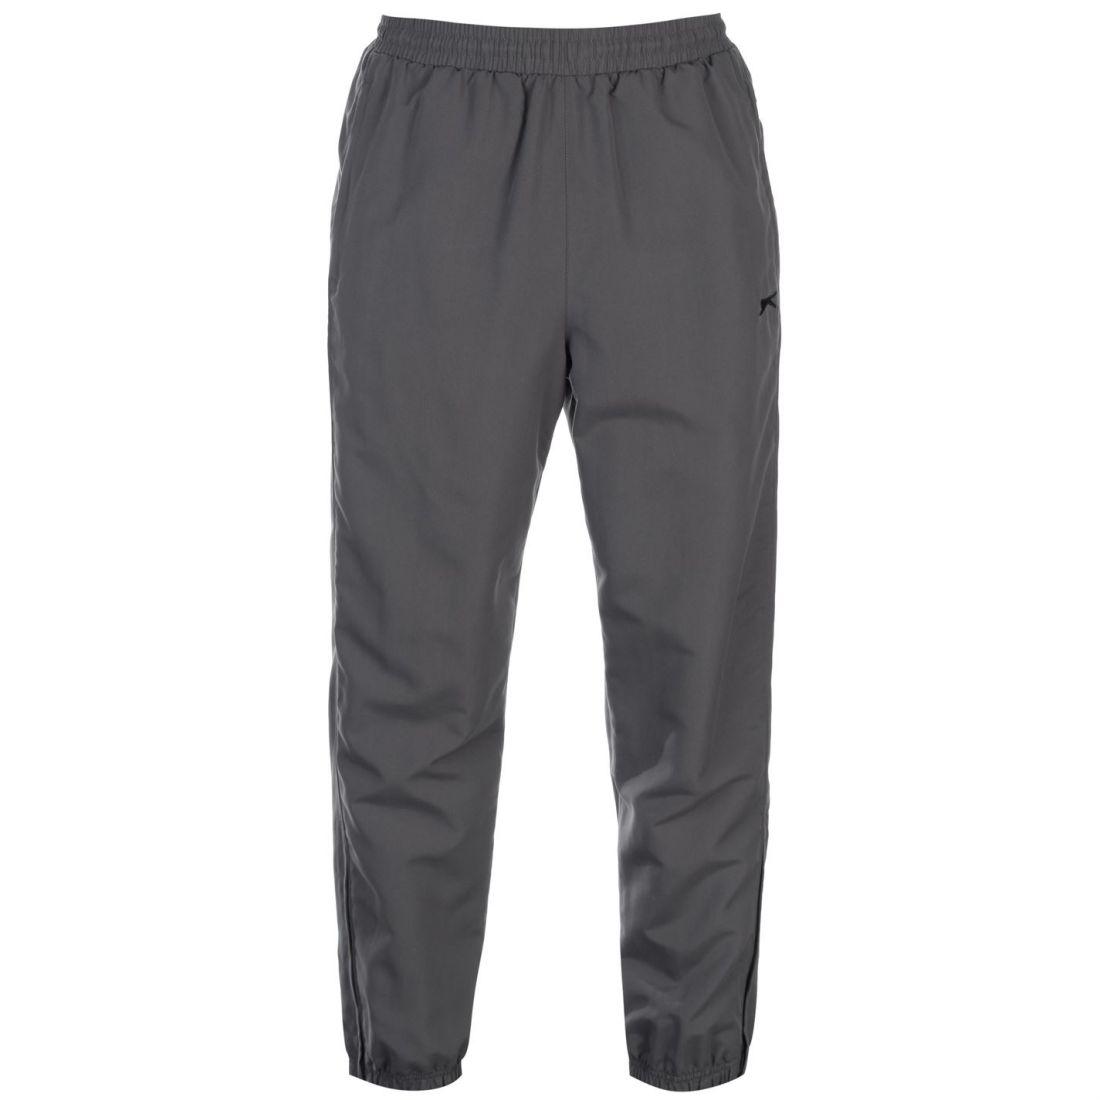 0dfa2d45f841 Slazenger Mens Closed Hem Woven Pants Jogging Bottoms Joggers ...